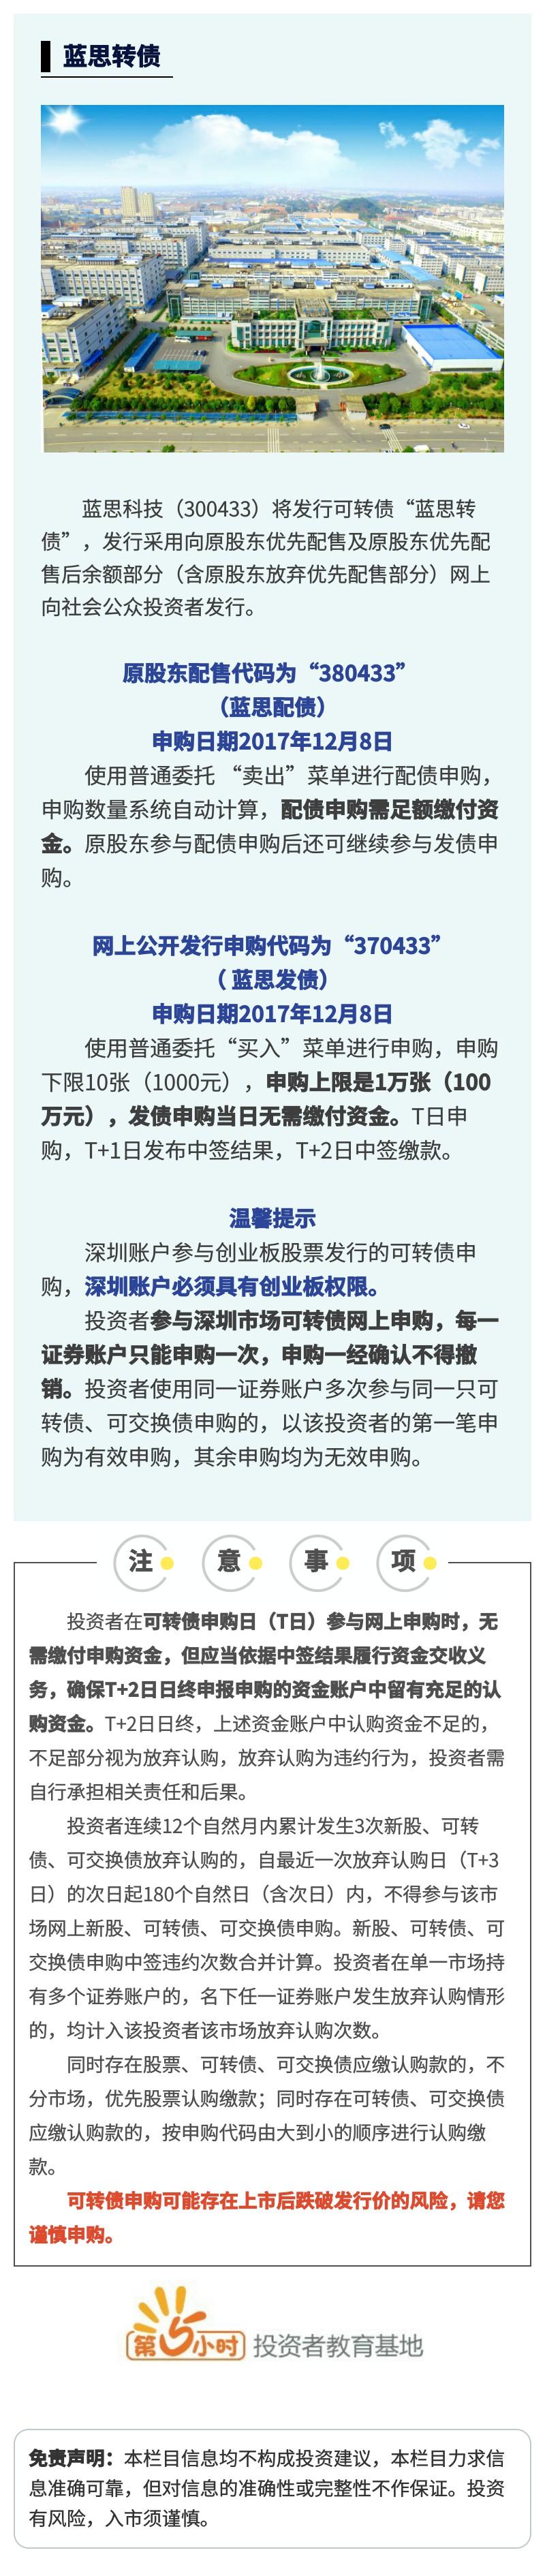 【打新债】蓝思科技公开发行可转换公司债.jpg